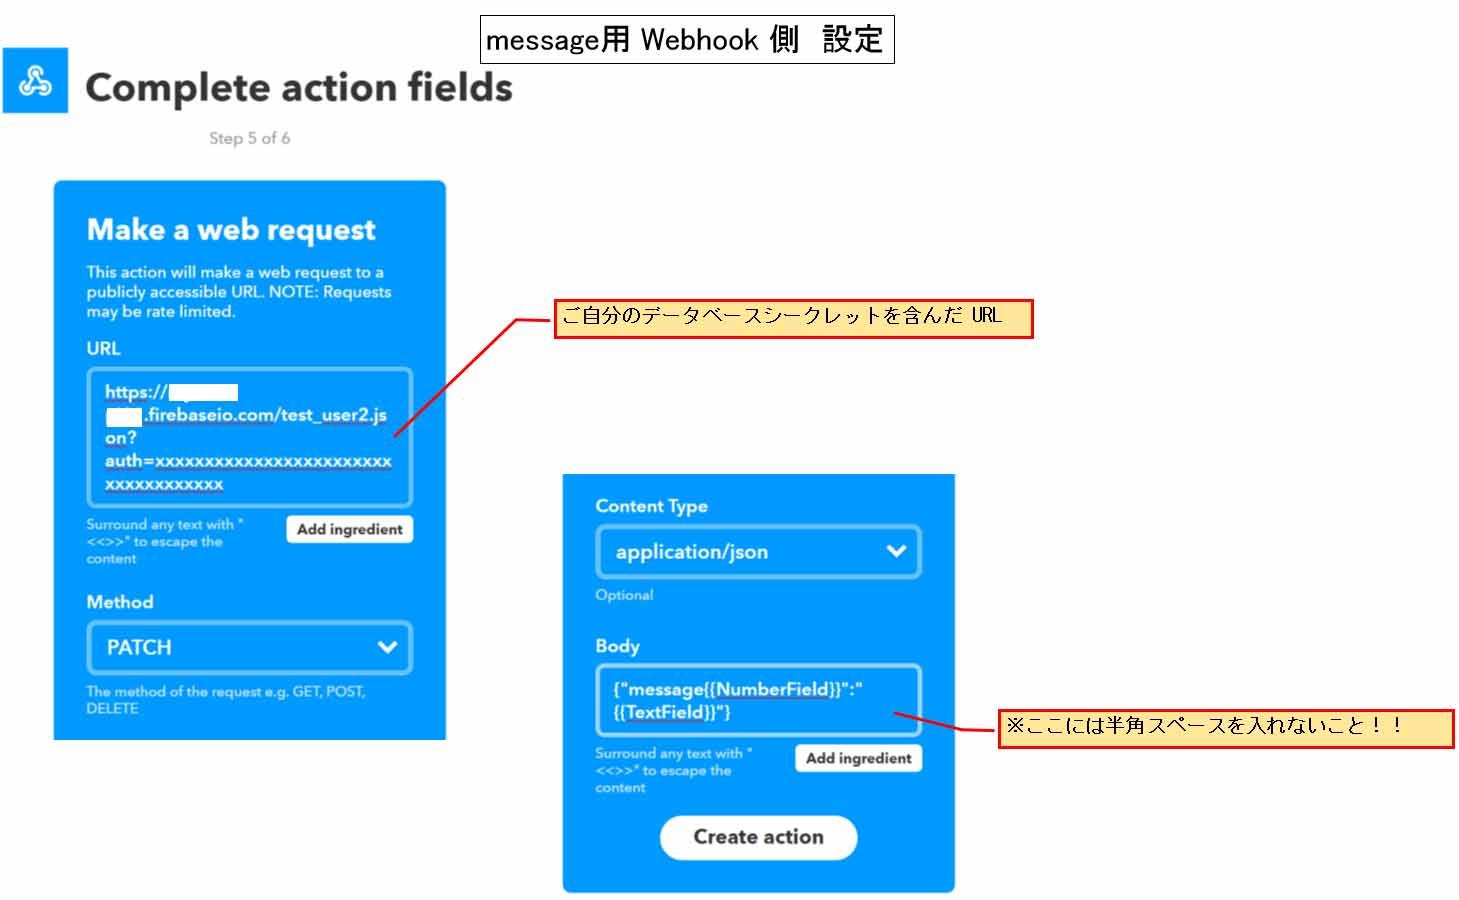 firebase_googlehome_m5stack12.jpg